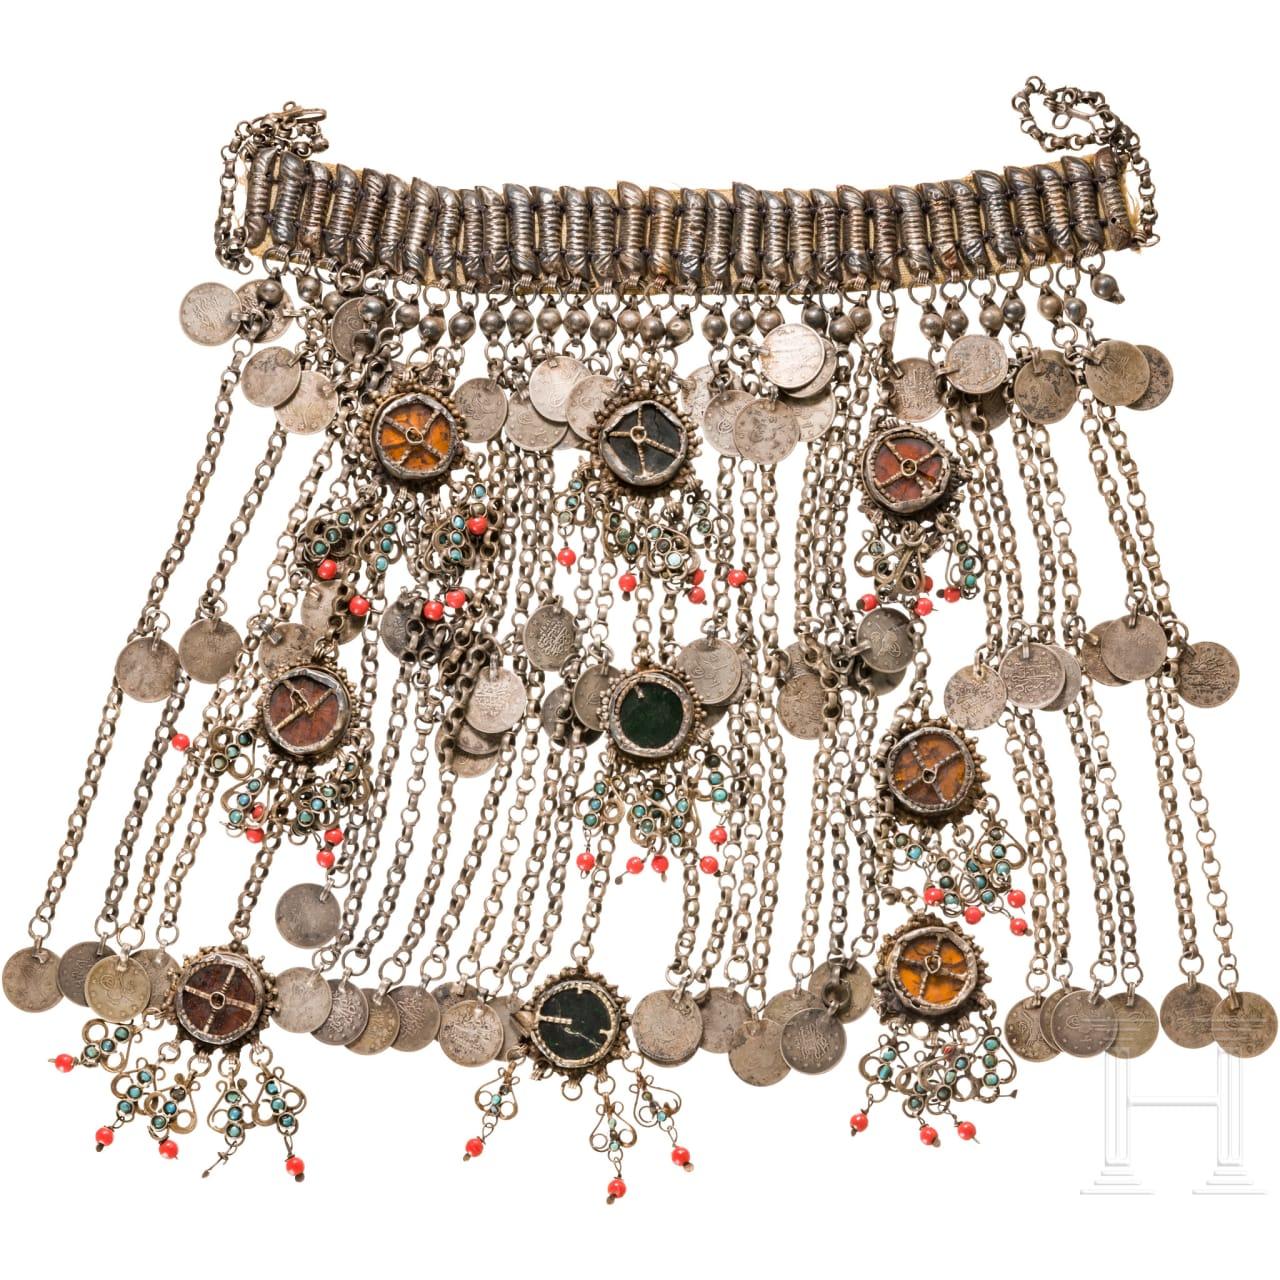 Silberner Hochzeitsschmuck, osmanisch, um 1900